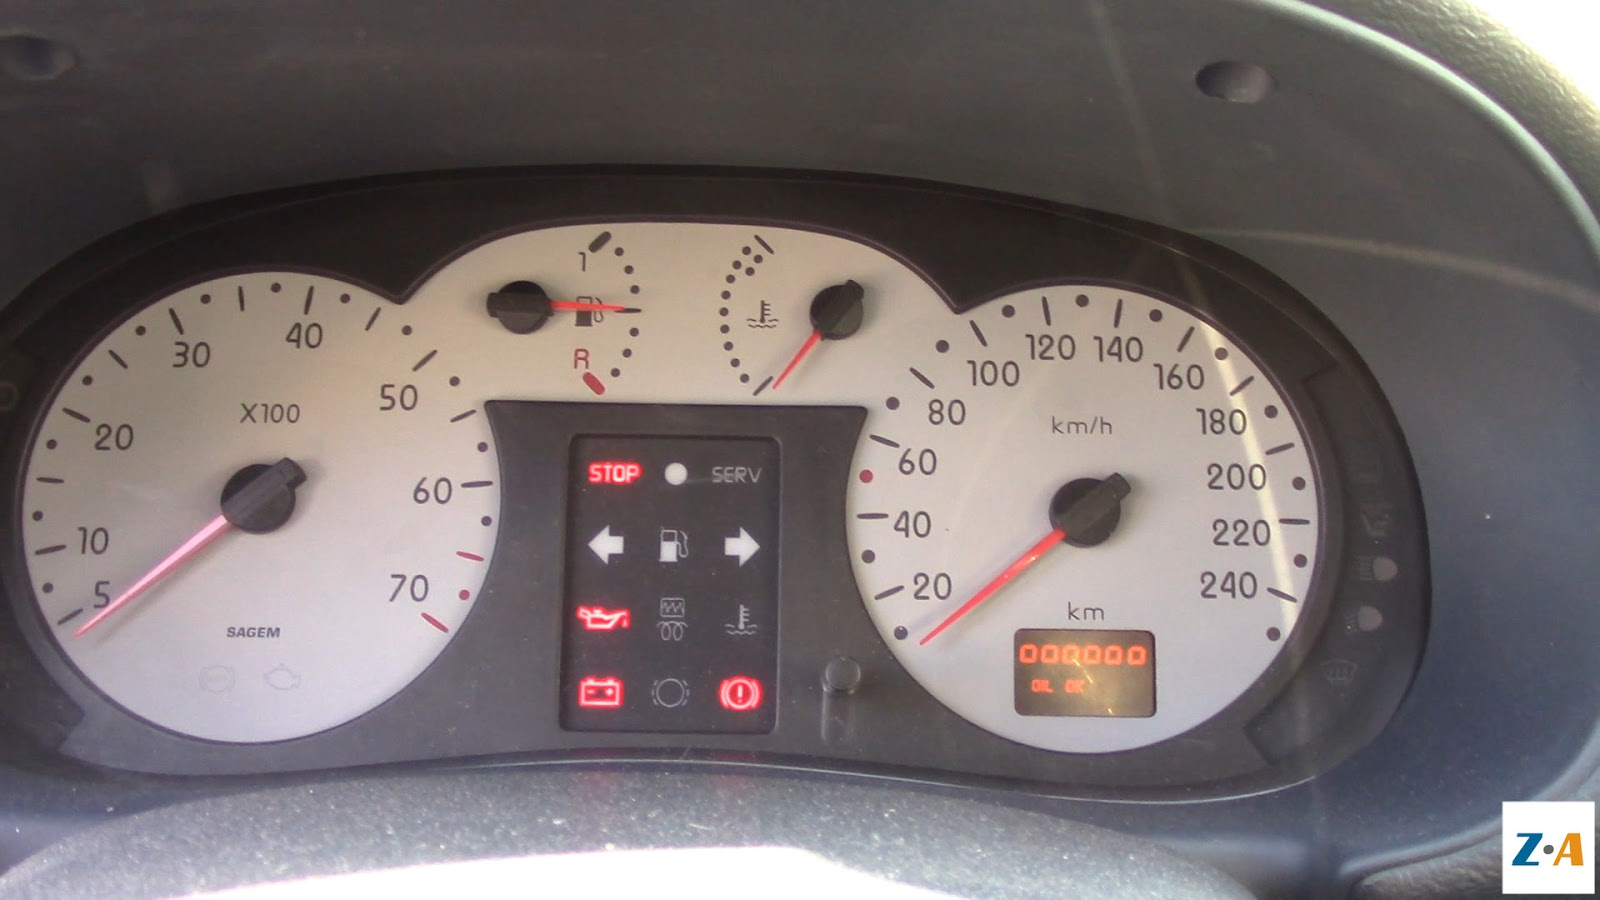 Contact mis, le tableau de bord indique que l'anti-démarrage est désactivé et que le réservoir de carburant est à moitié plein.